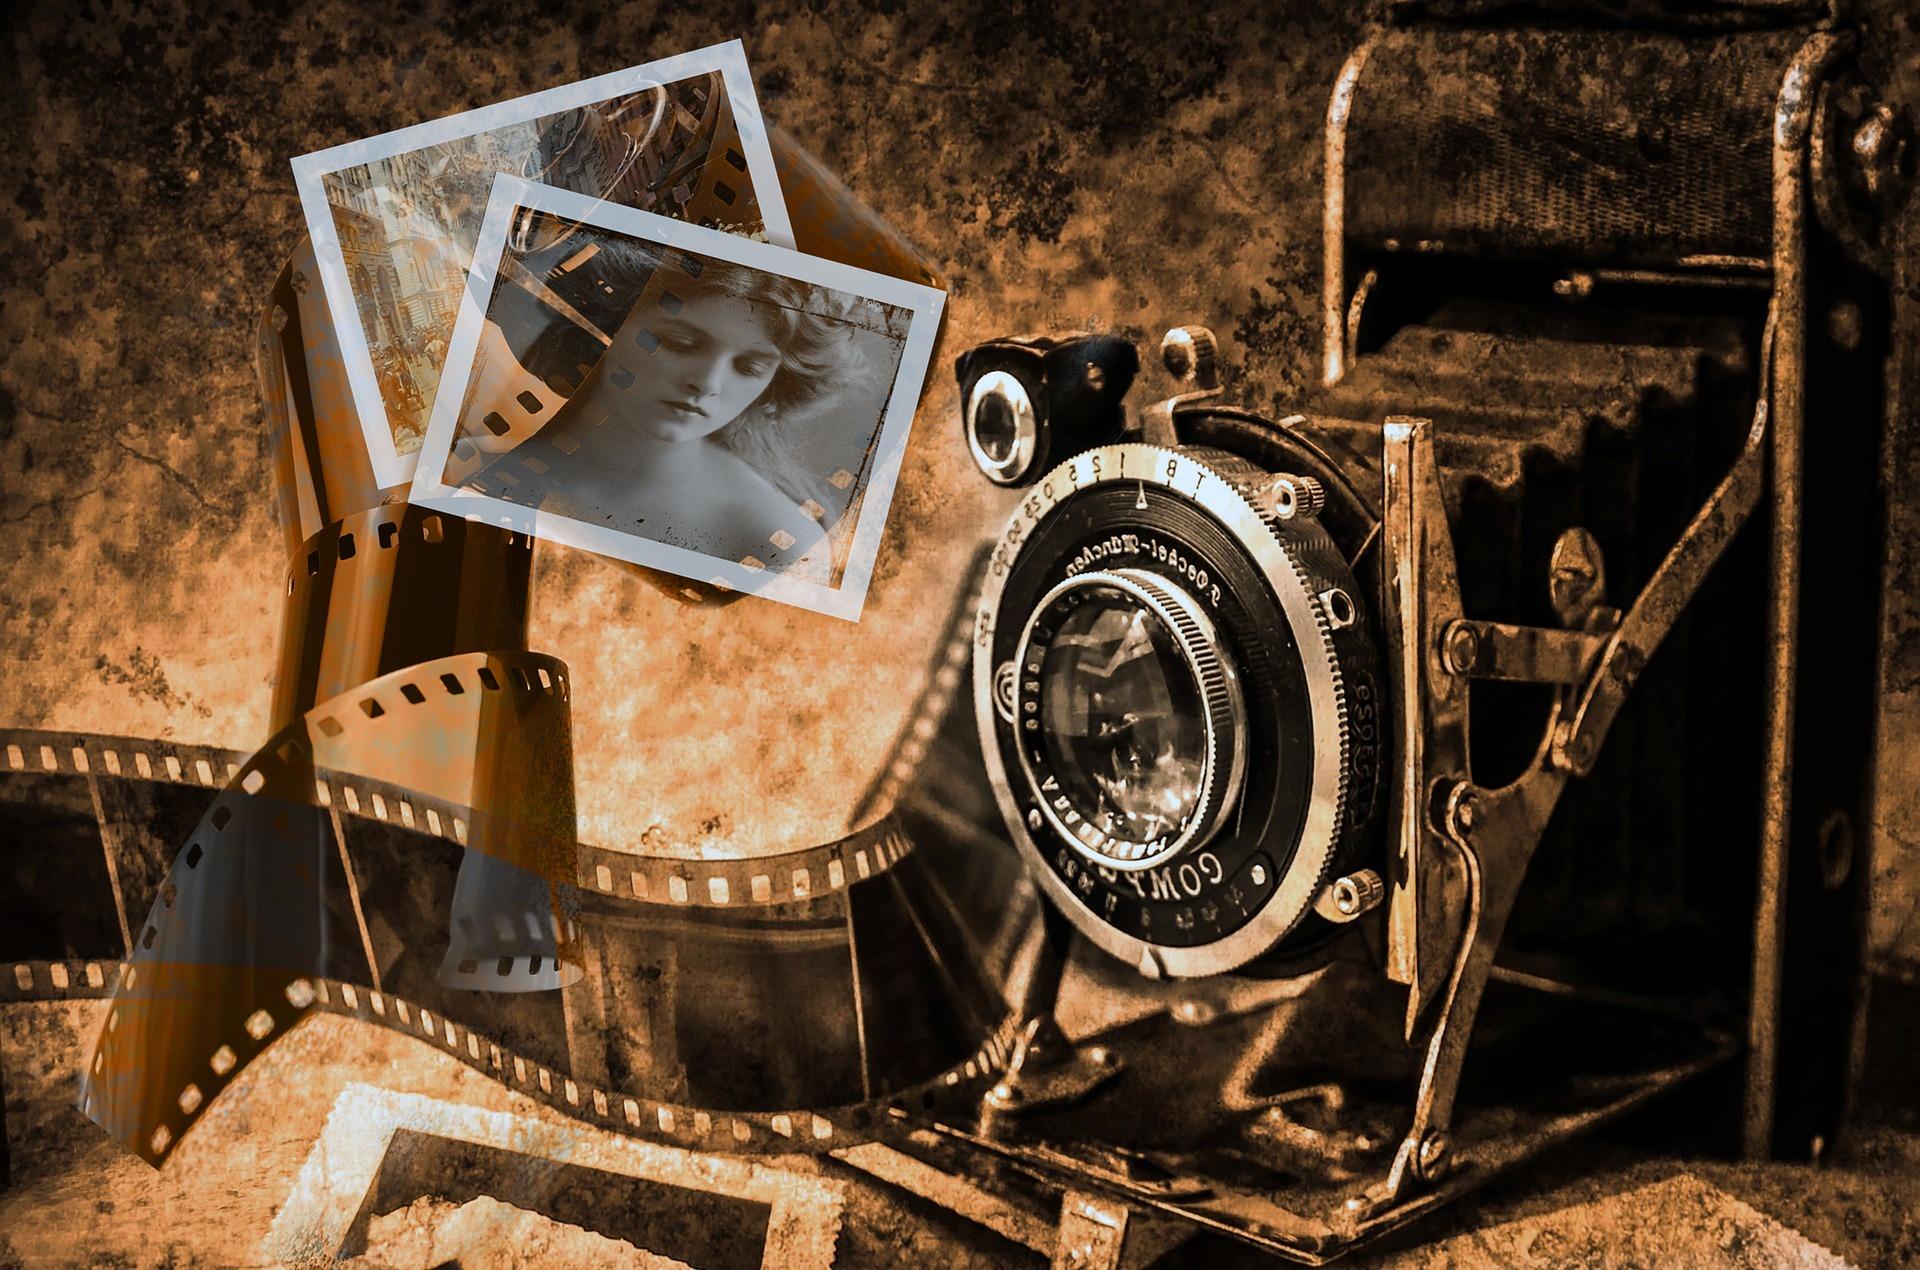 camera-4226711_1920.jpg